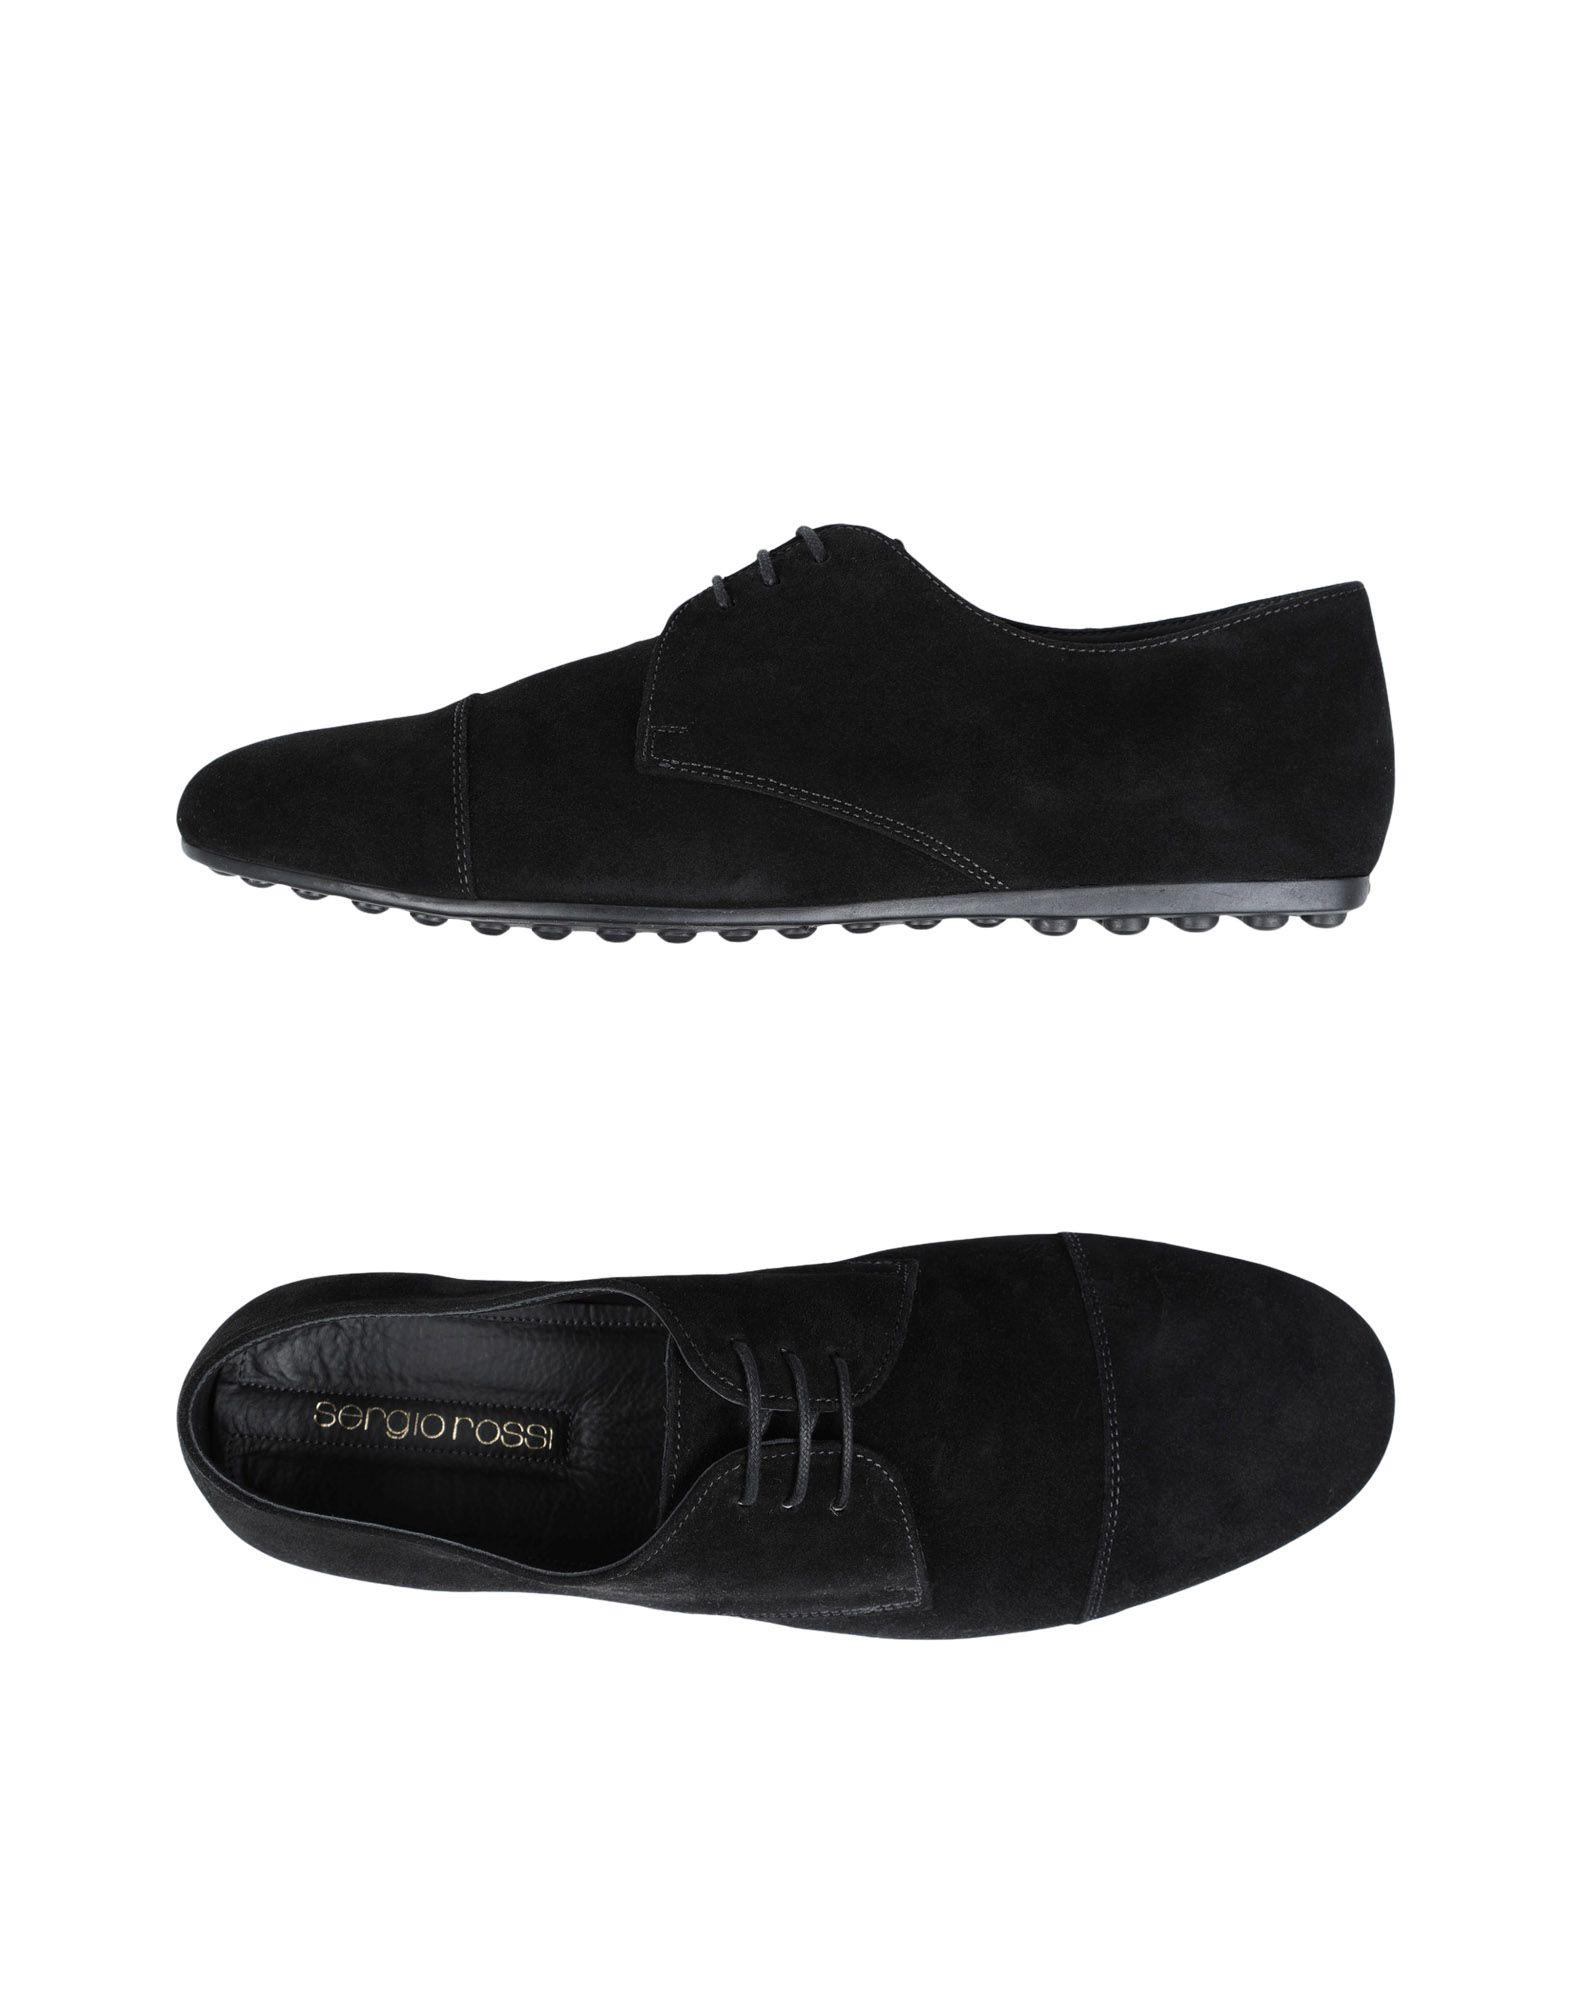 Sergio Rossi Schnürschuhe Herren  11525933SU Gute Qualität beliebte Schuhe